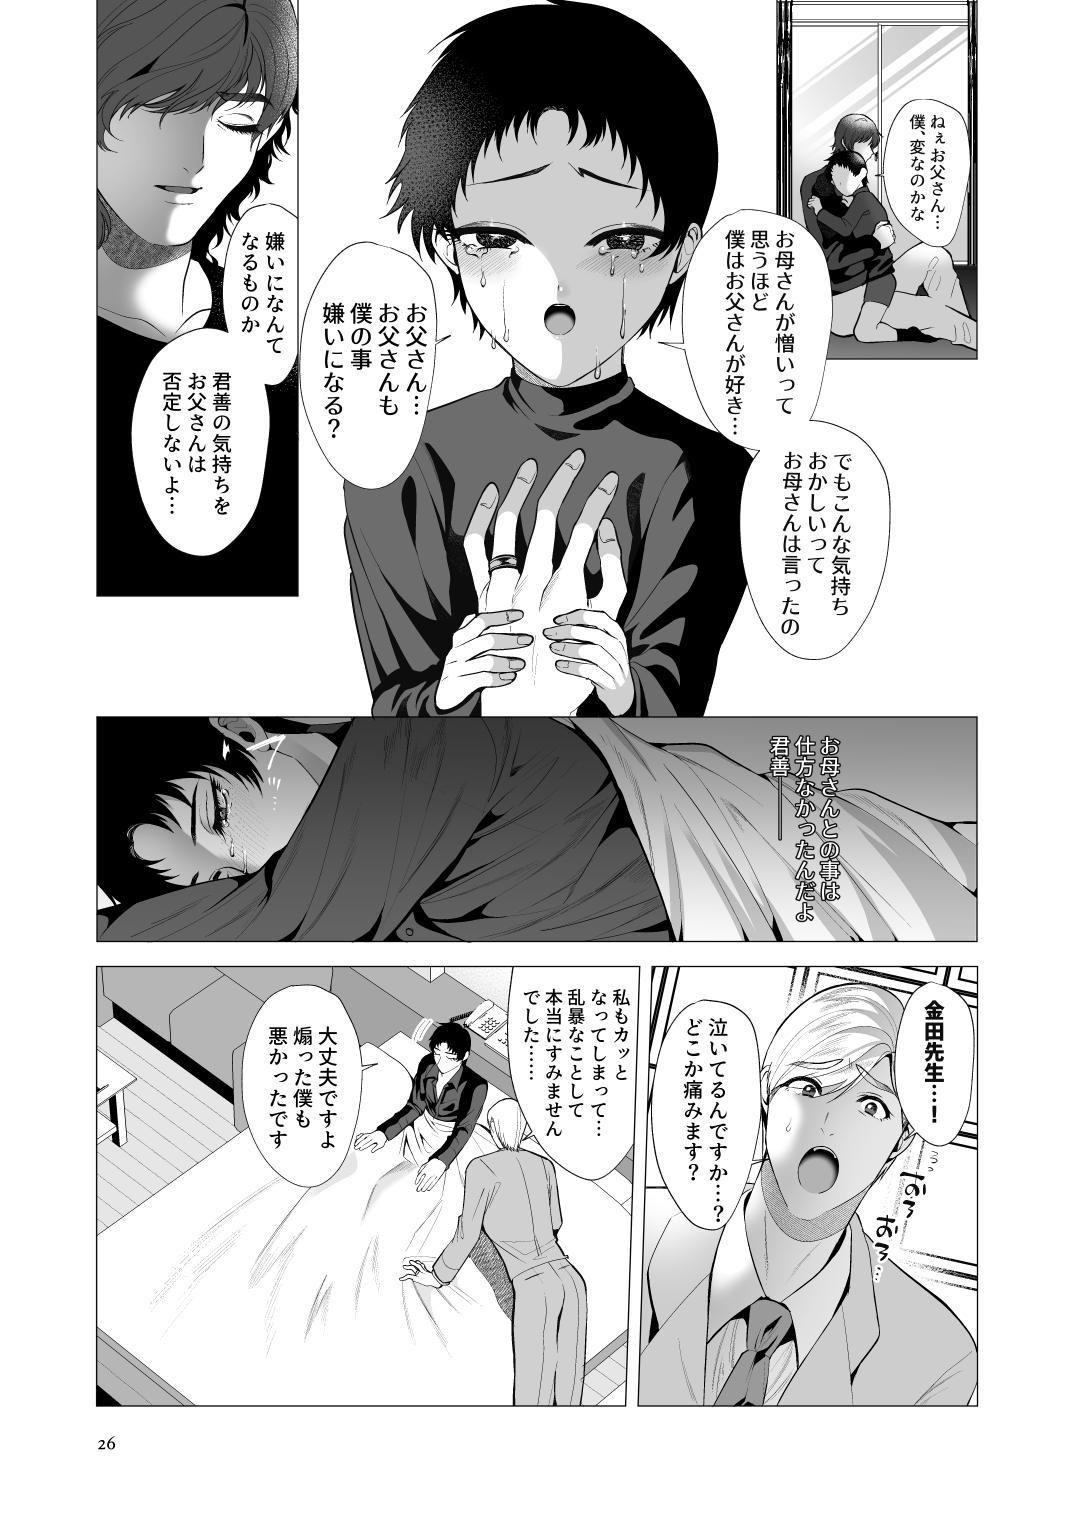 Kyozou no Sugata wa Chichi ni Nite iru 24